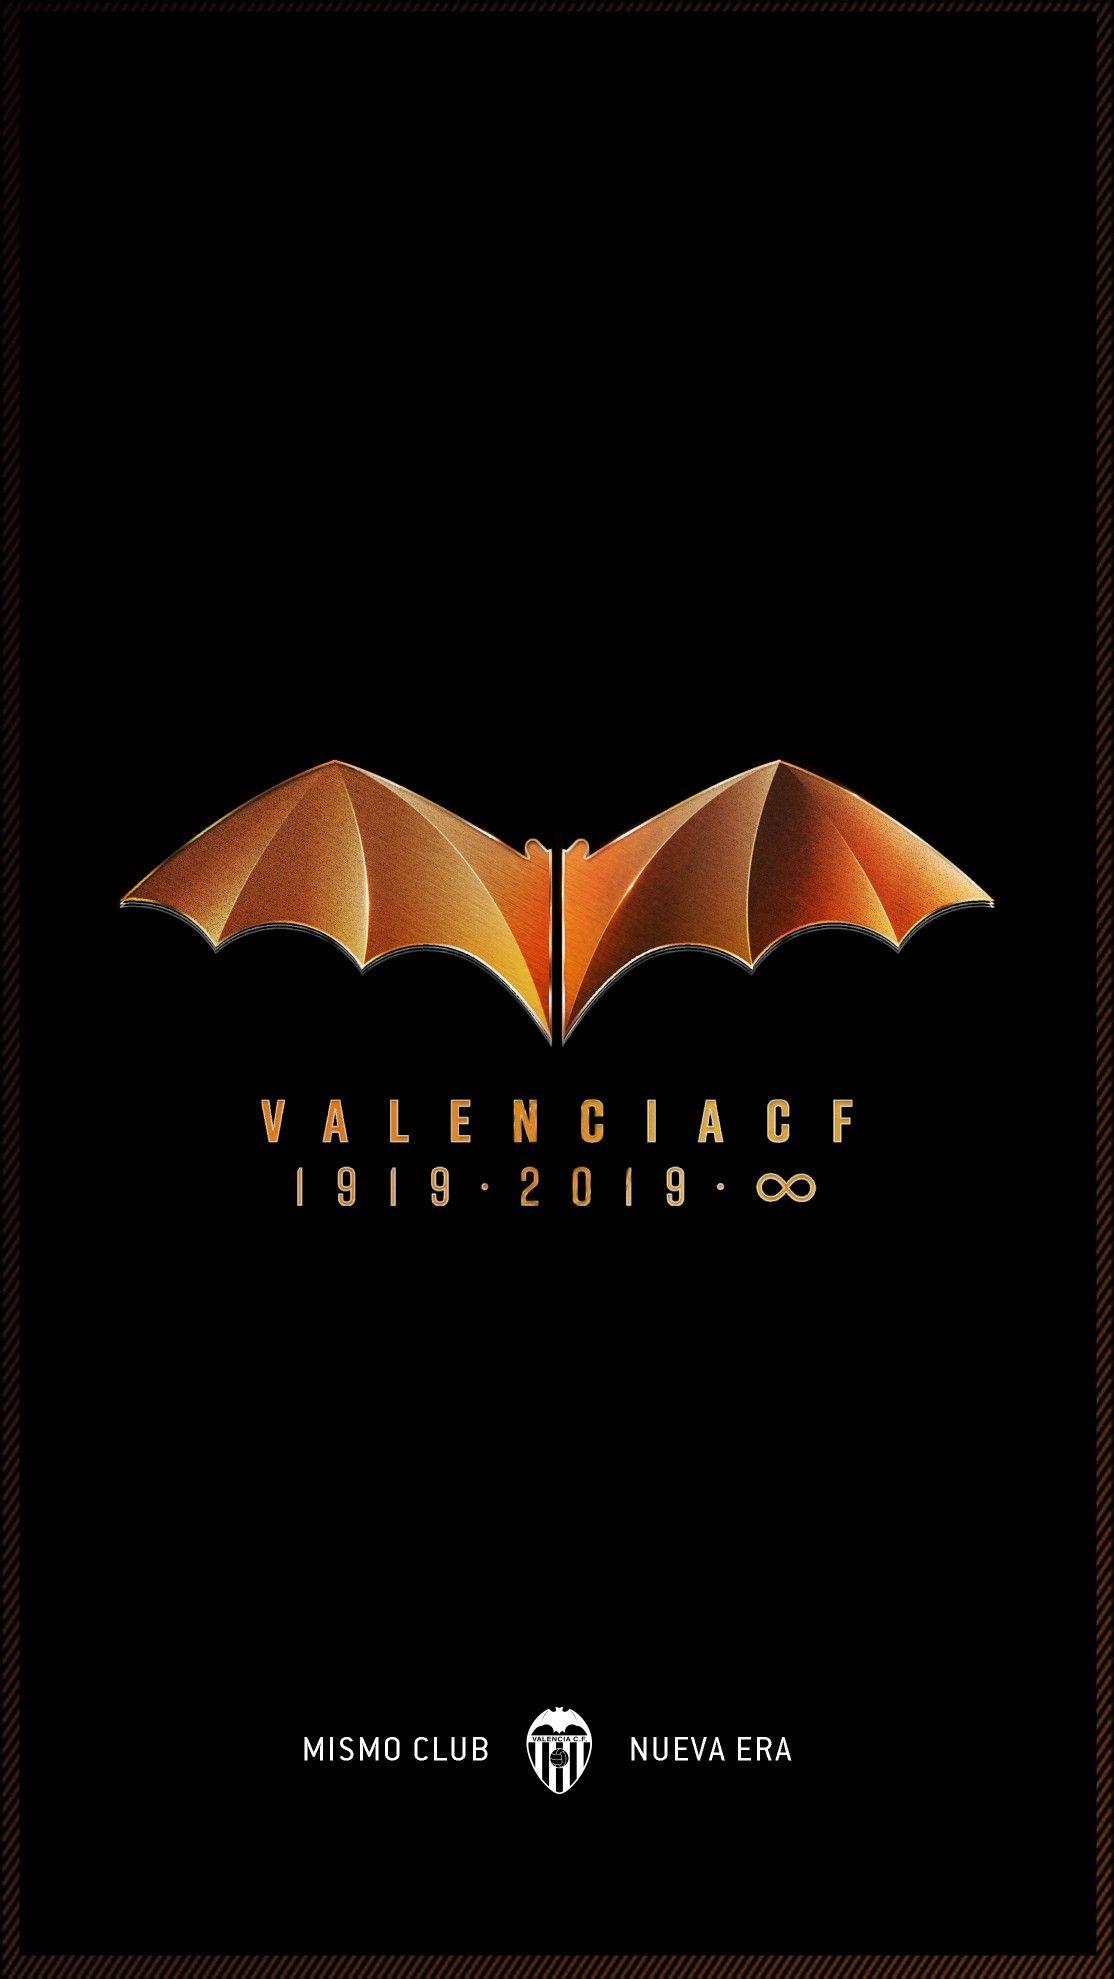 Valencia Cf Equipo De Fútbol Adidas Futbol Fútbol